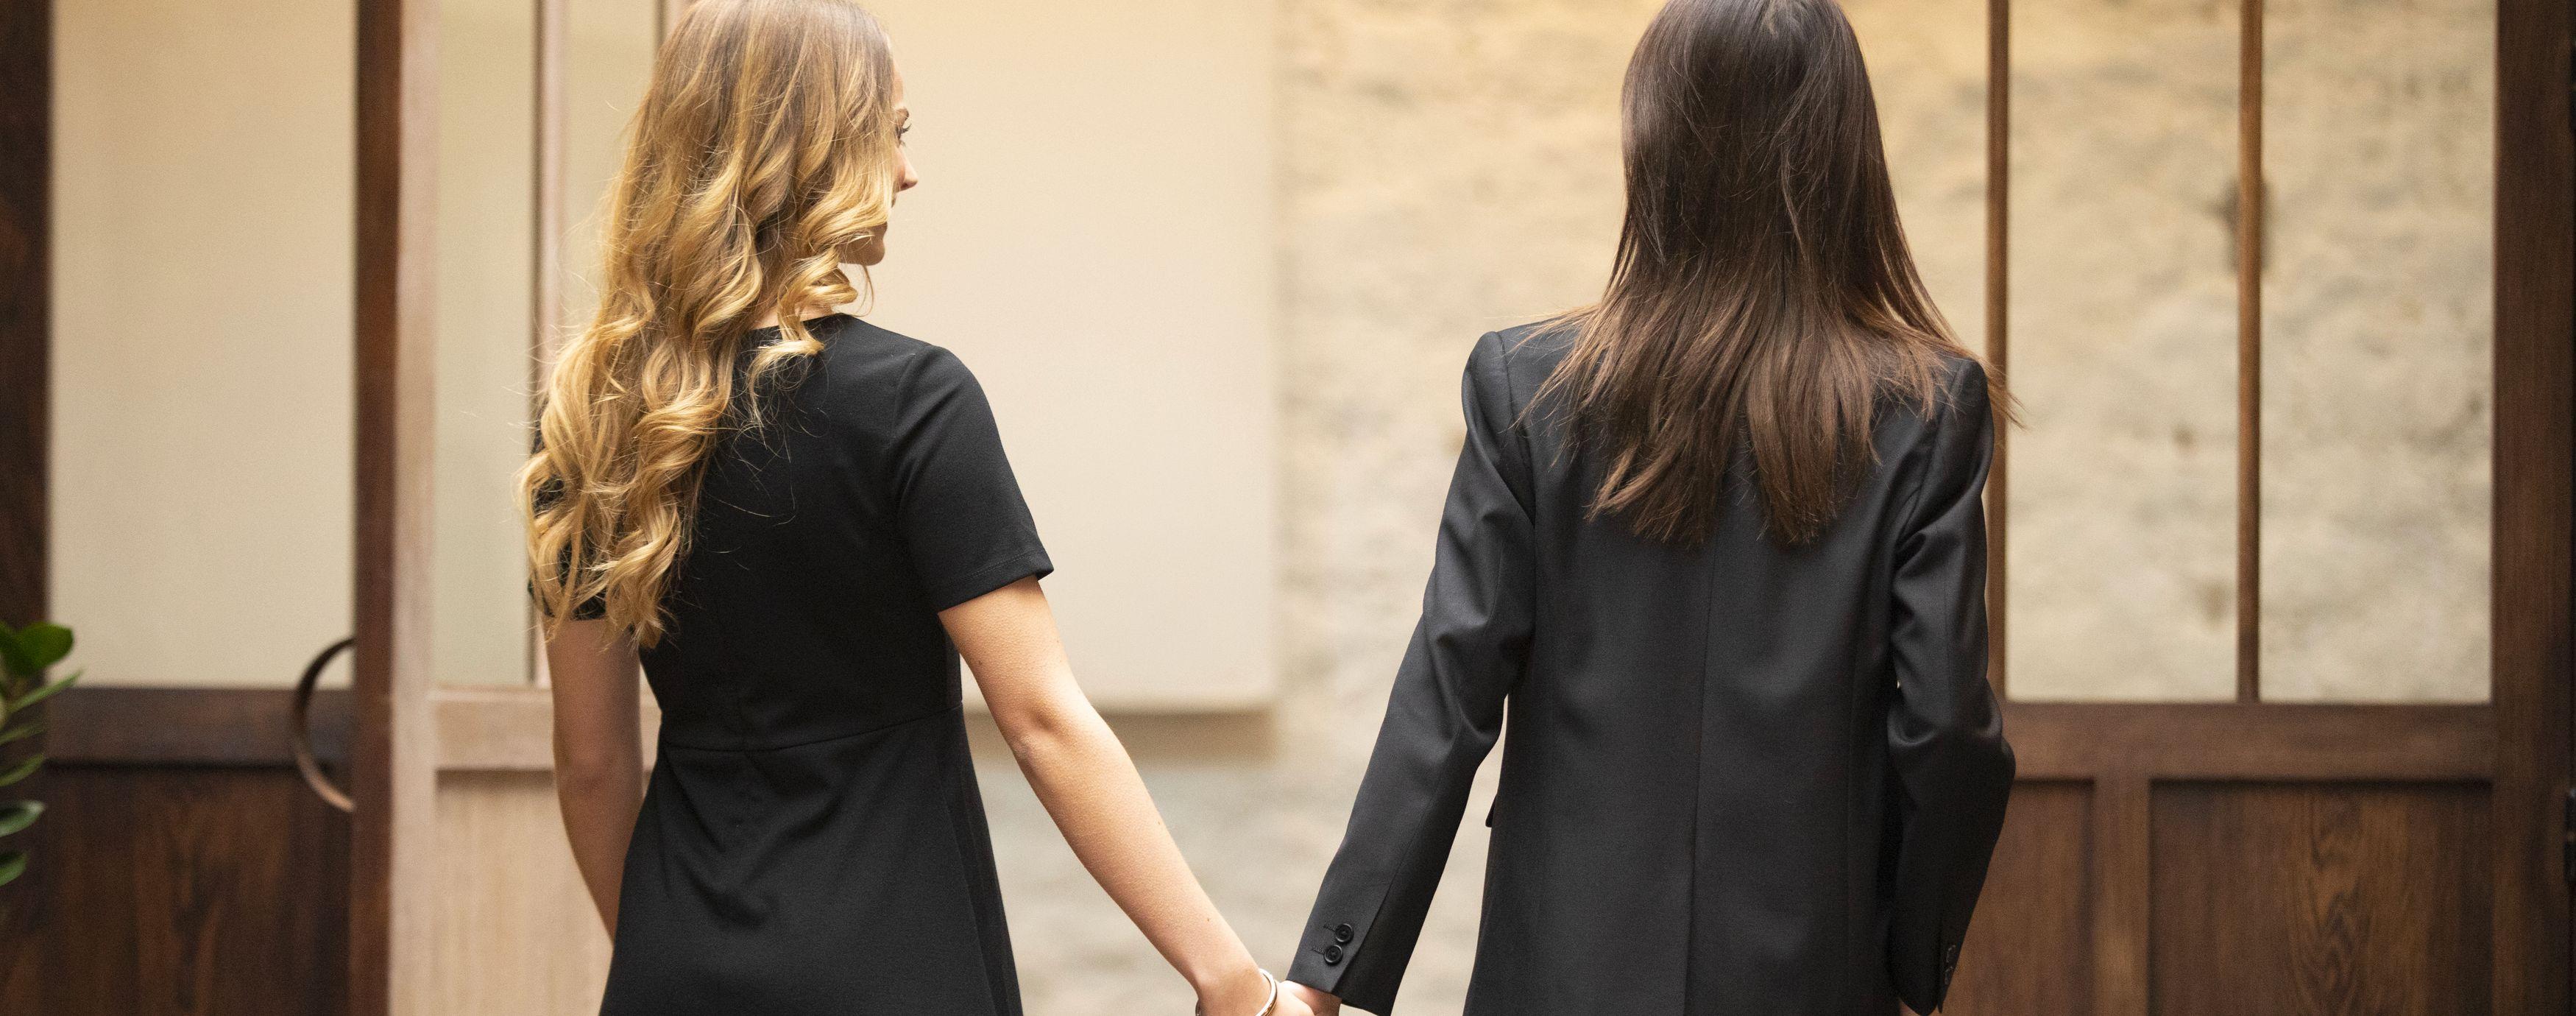 Tenue de travail femme : nos conseils pour vos habits professionnels